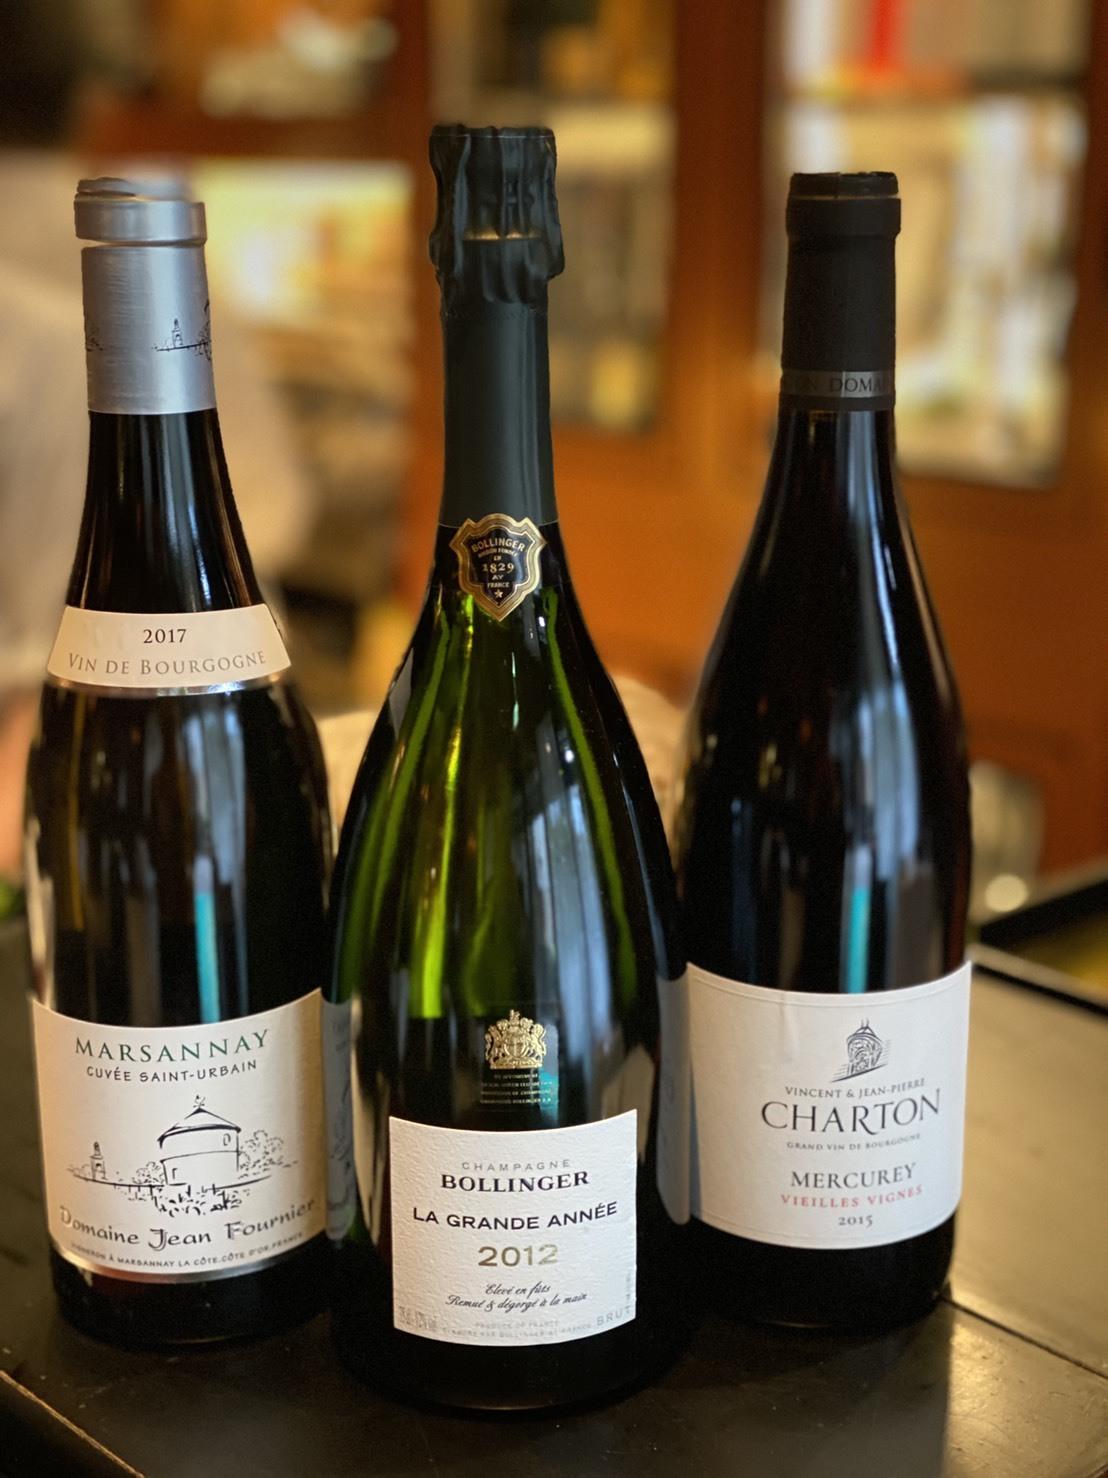 【期間数量限定】2012年 ボランジェグランダネと2017年マルサネ白ワインと2015年メルキュレィ赤ワイン スペシャルセット(計3本)